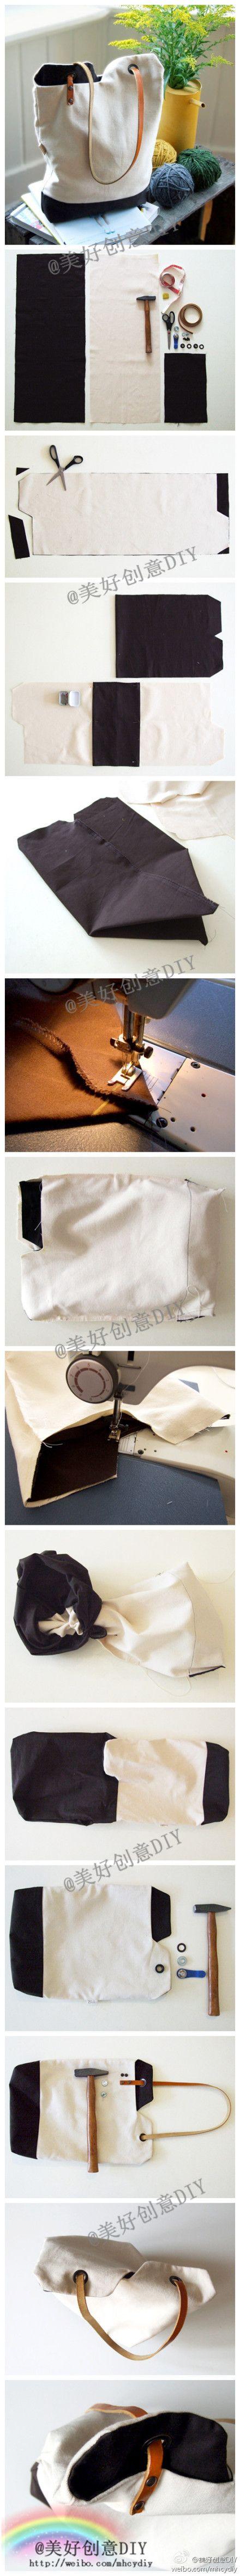 DIY reversible handbag/ tote